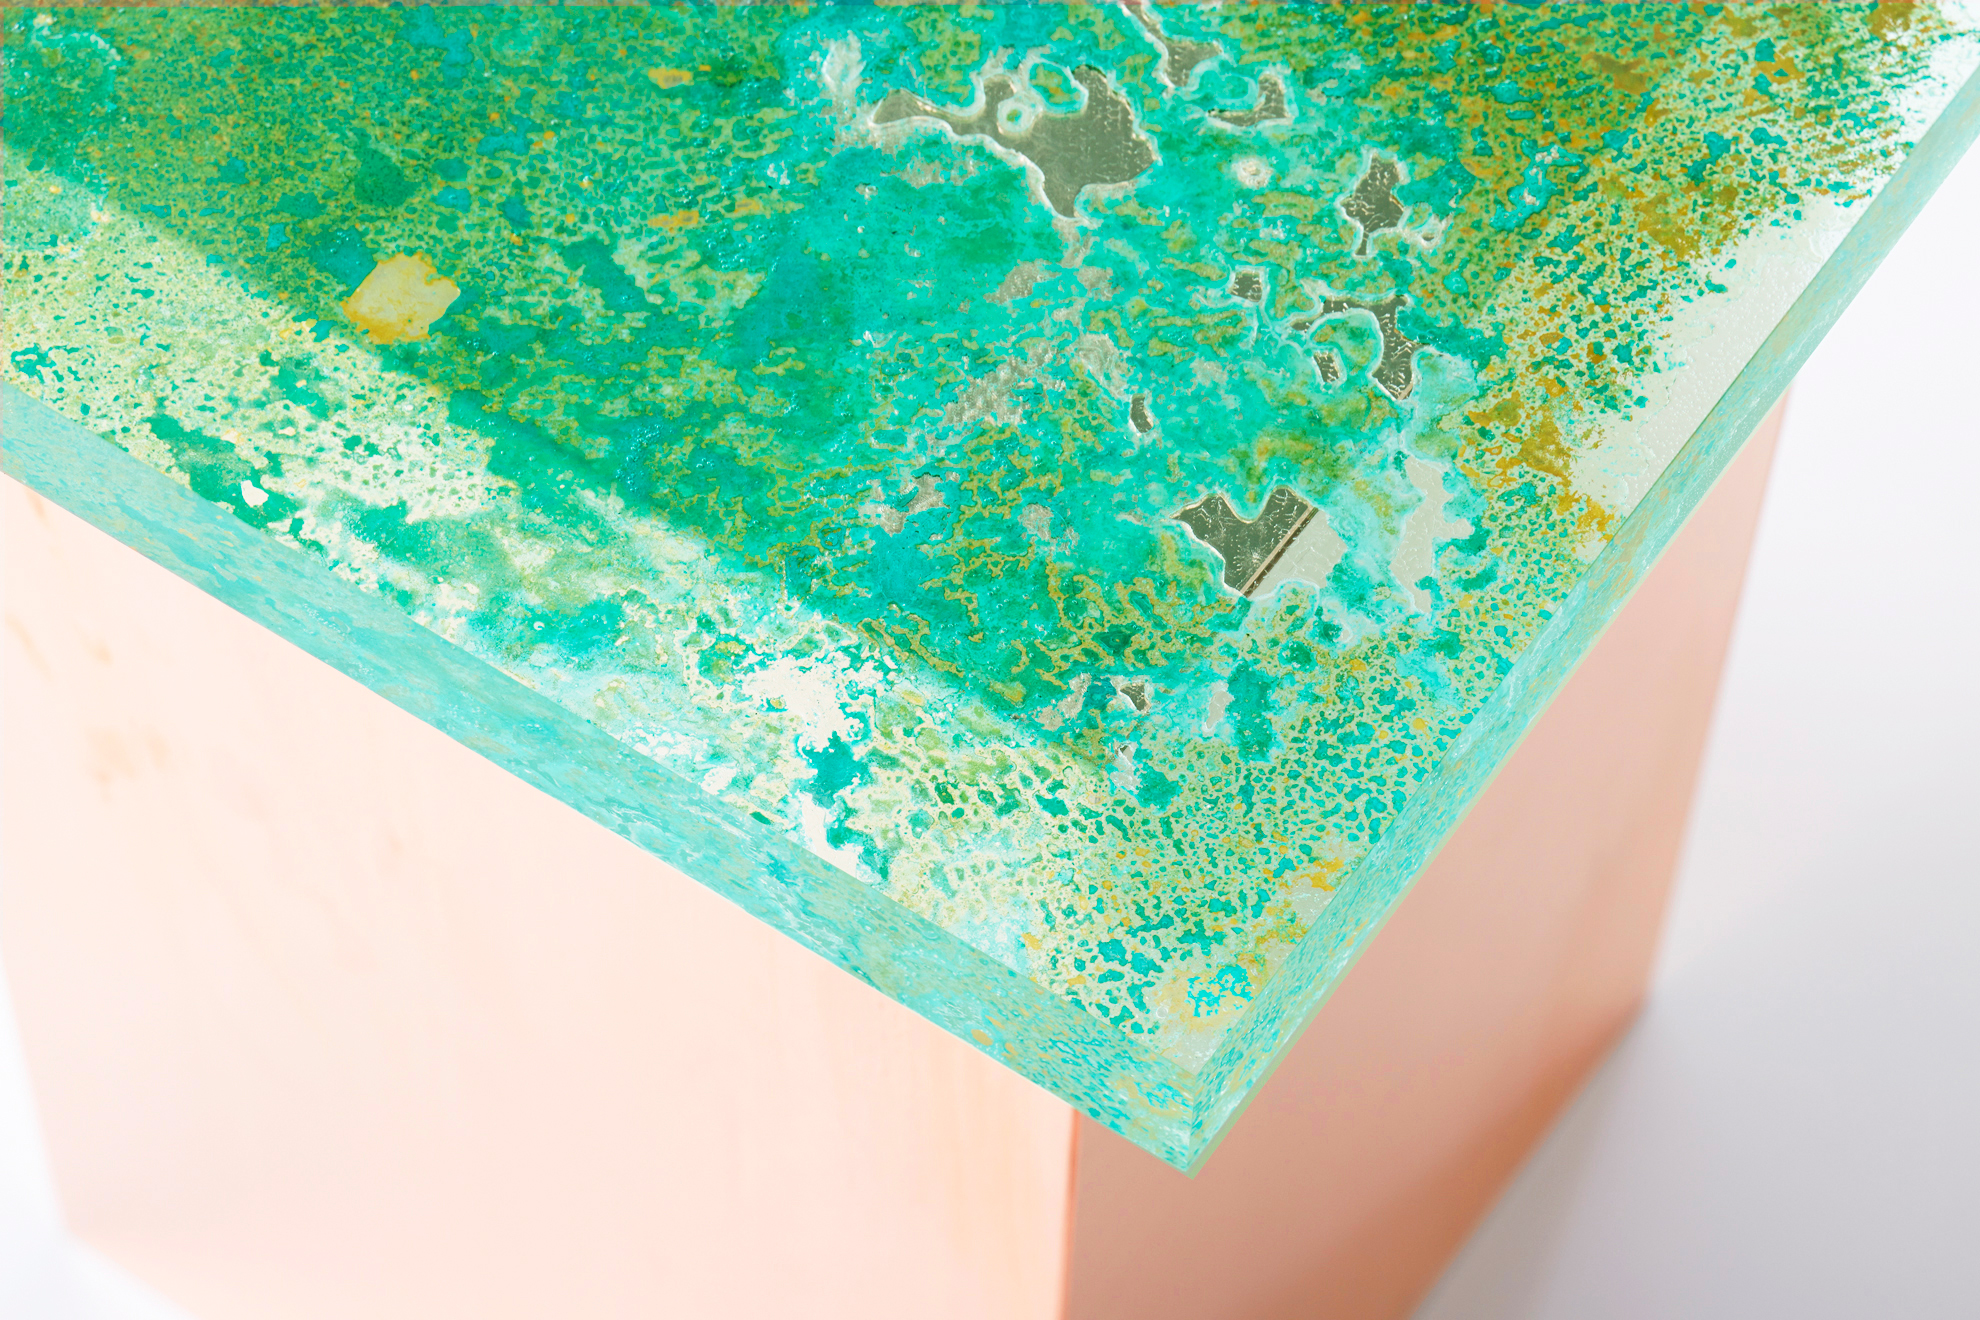 banco resultado de usar de plancha de cobre verdosa